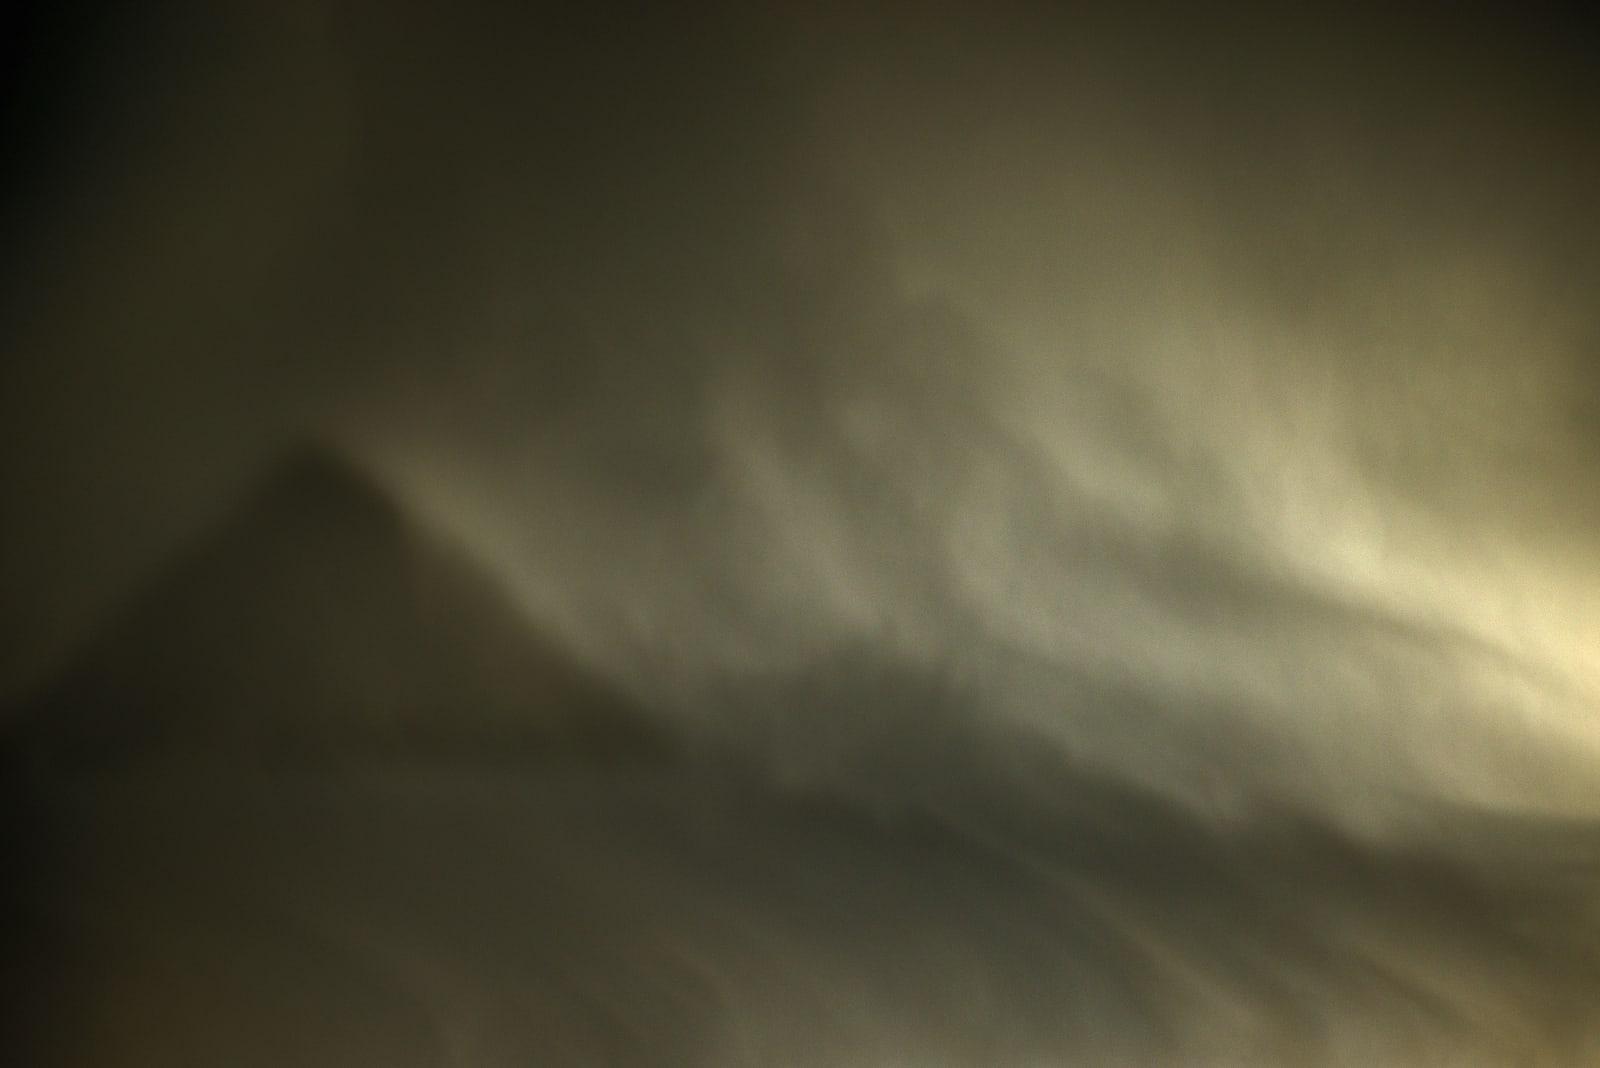 DK, Sandstorm at Giza